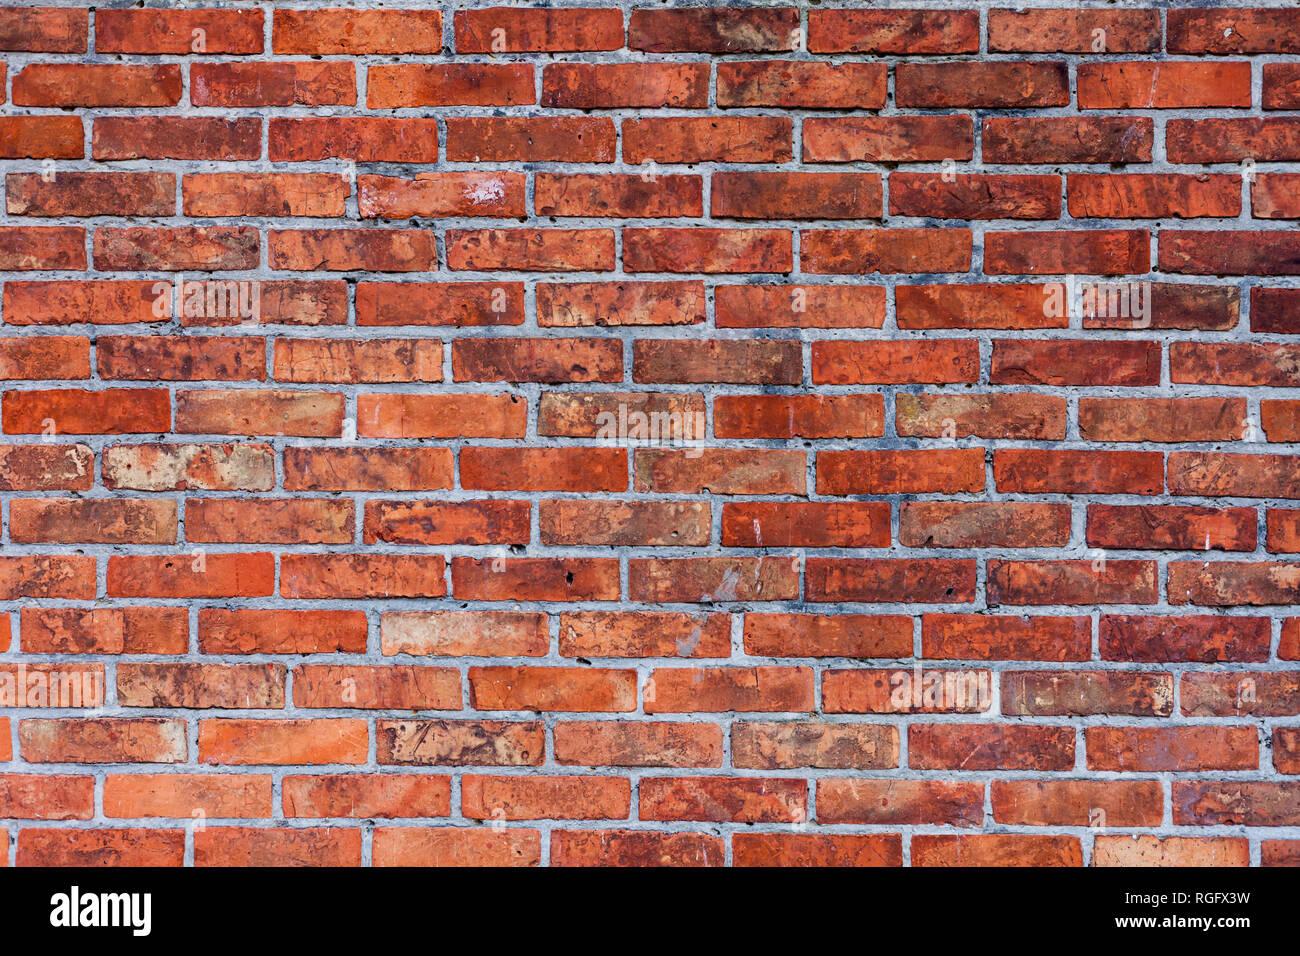 Mur En Brique Rouge la texture du mur de brique rouge de l'arrière-plan. briqué